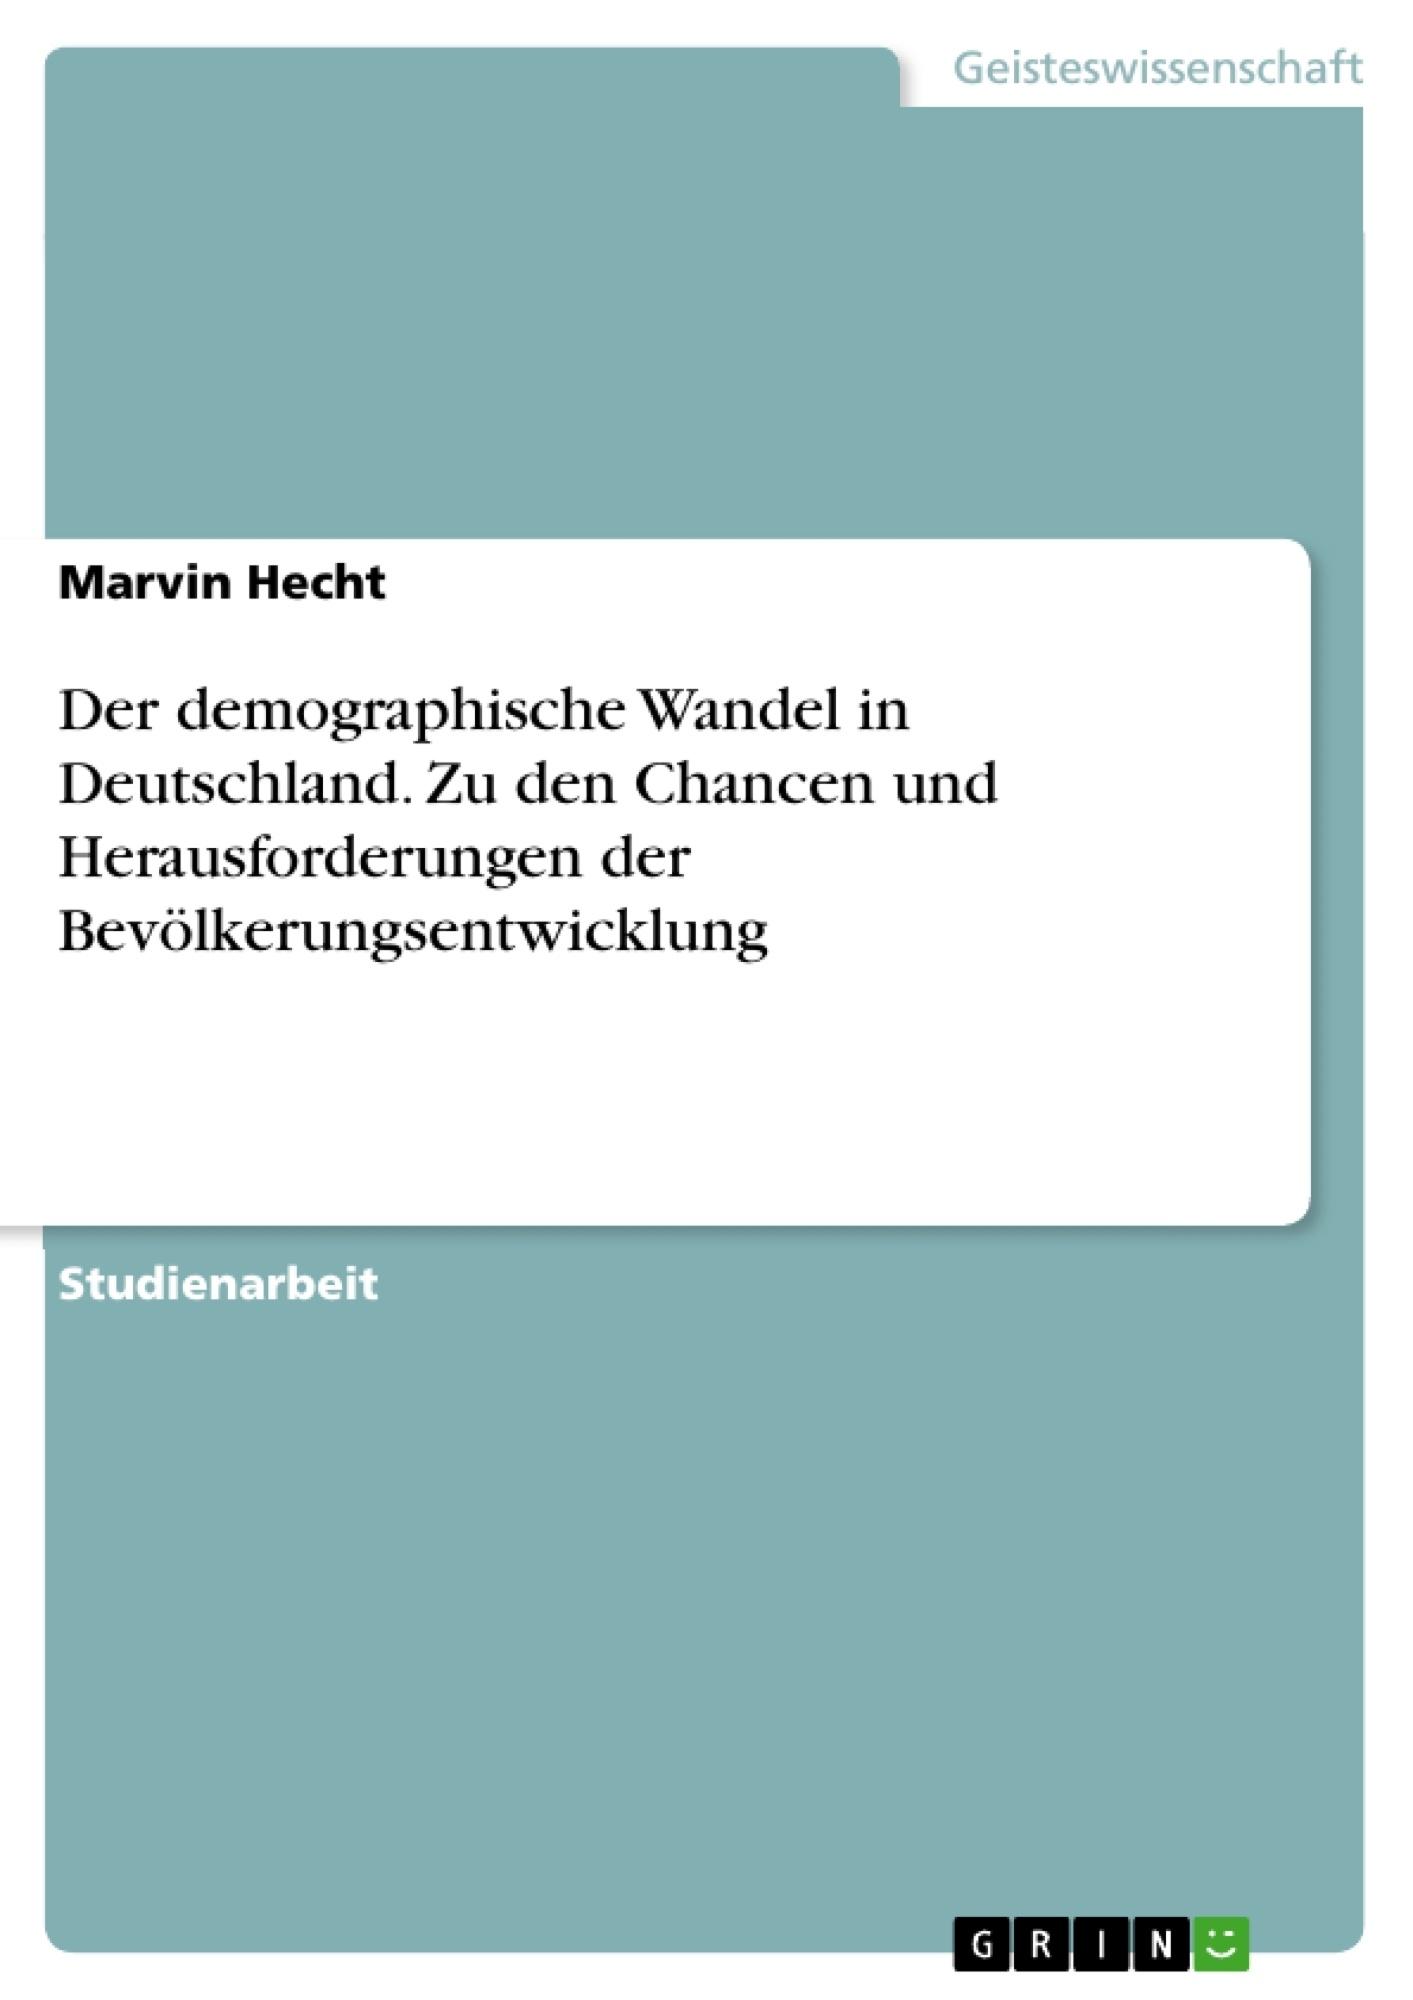 Titel: Der demographische Wandel in Deutschland. Zu den Chancen und Herausforderungen der Bevölkerungsentwicklung